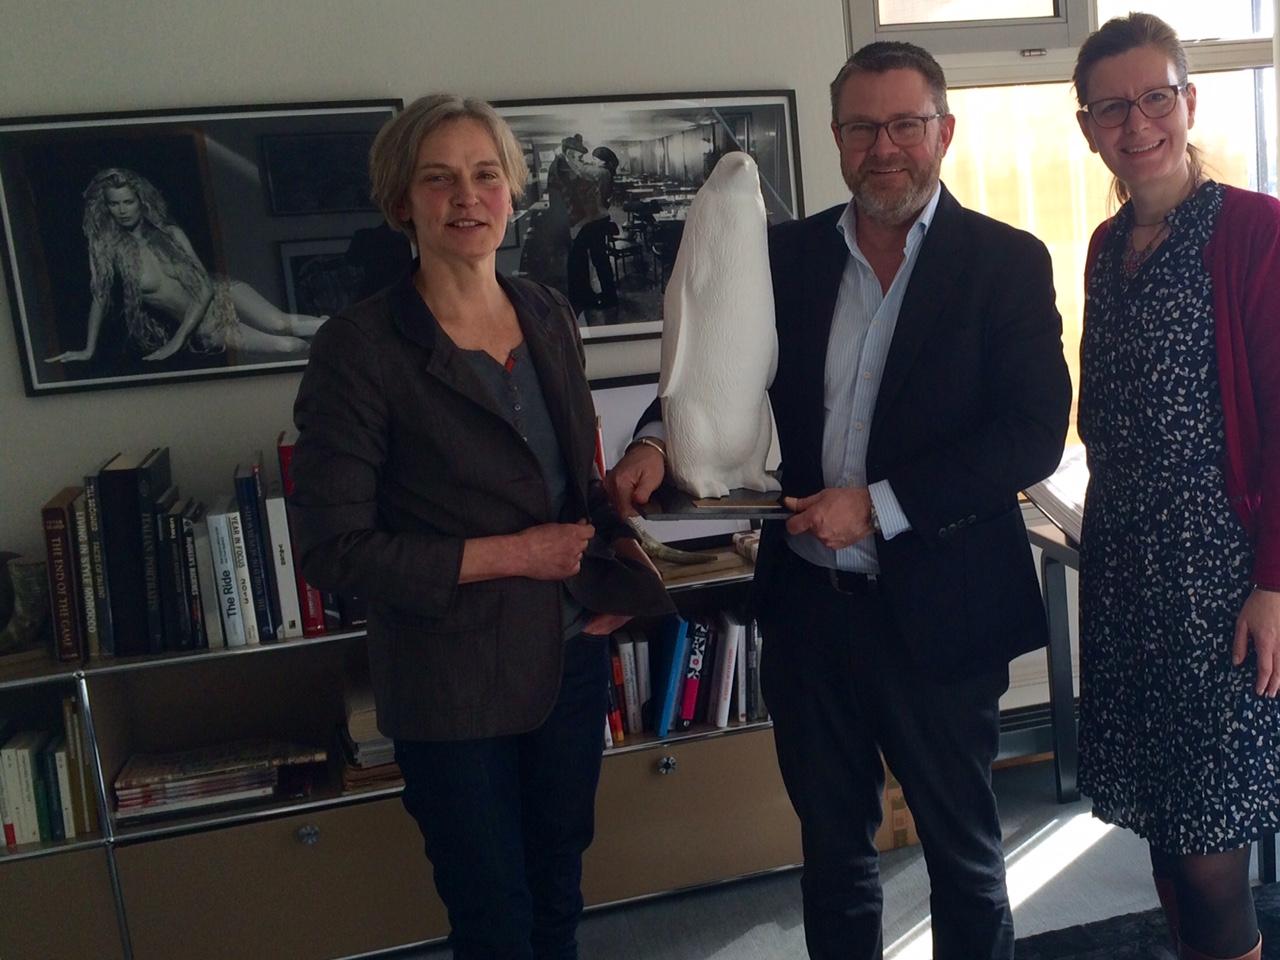 Christian Krug bekommt Preis mit Gefühl - Pinguin von Pro Quote